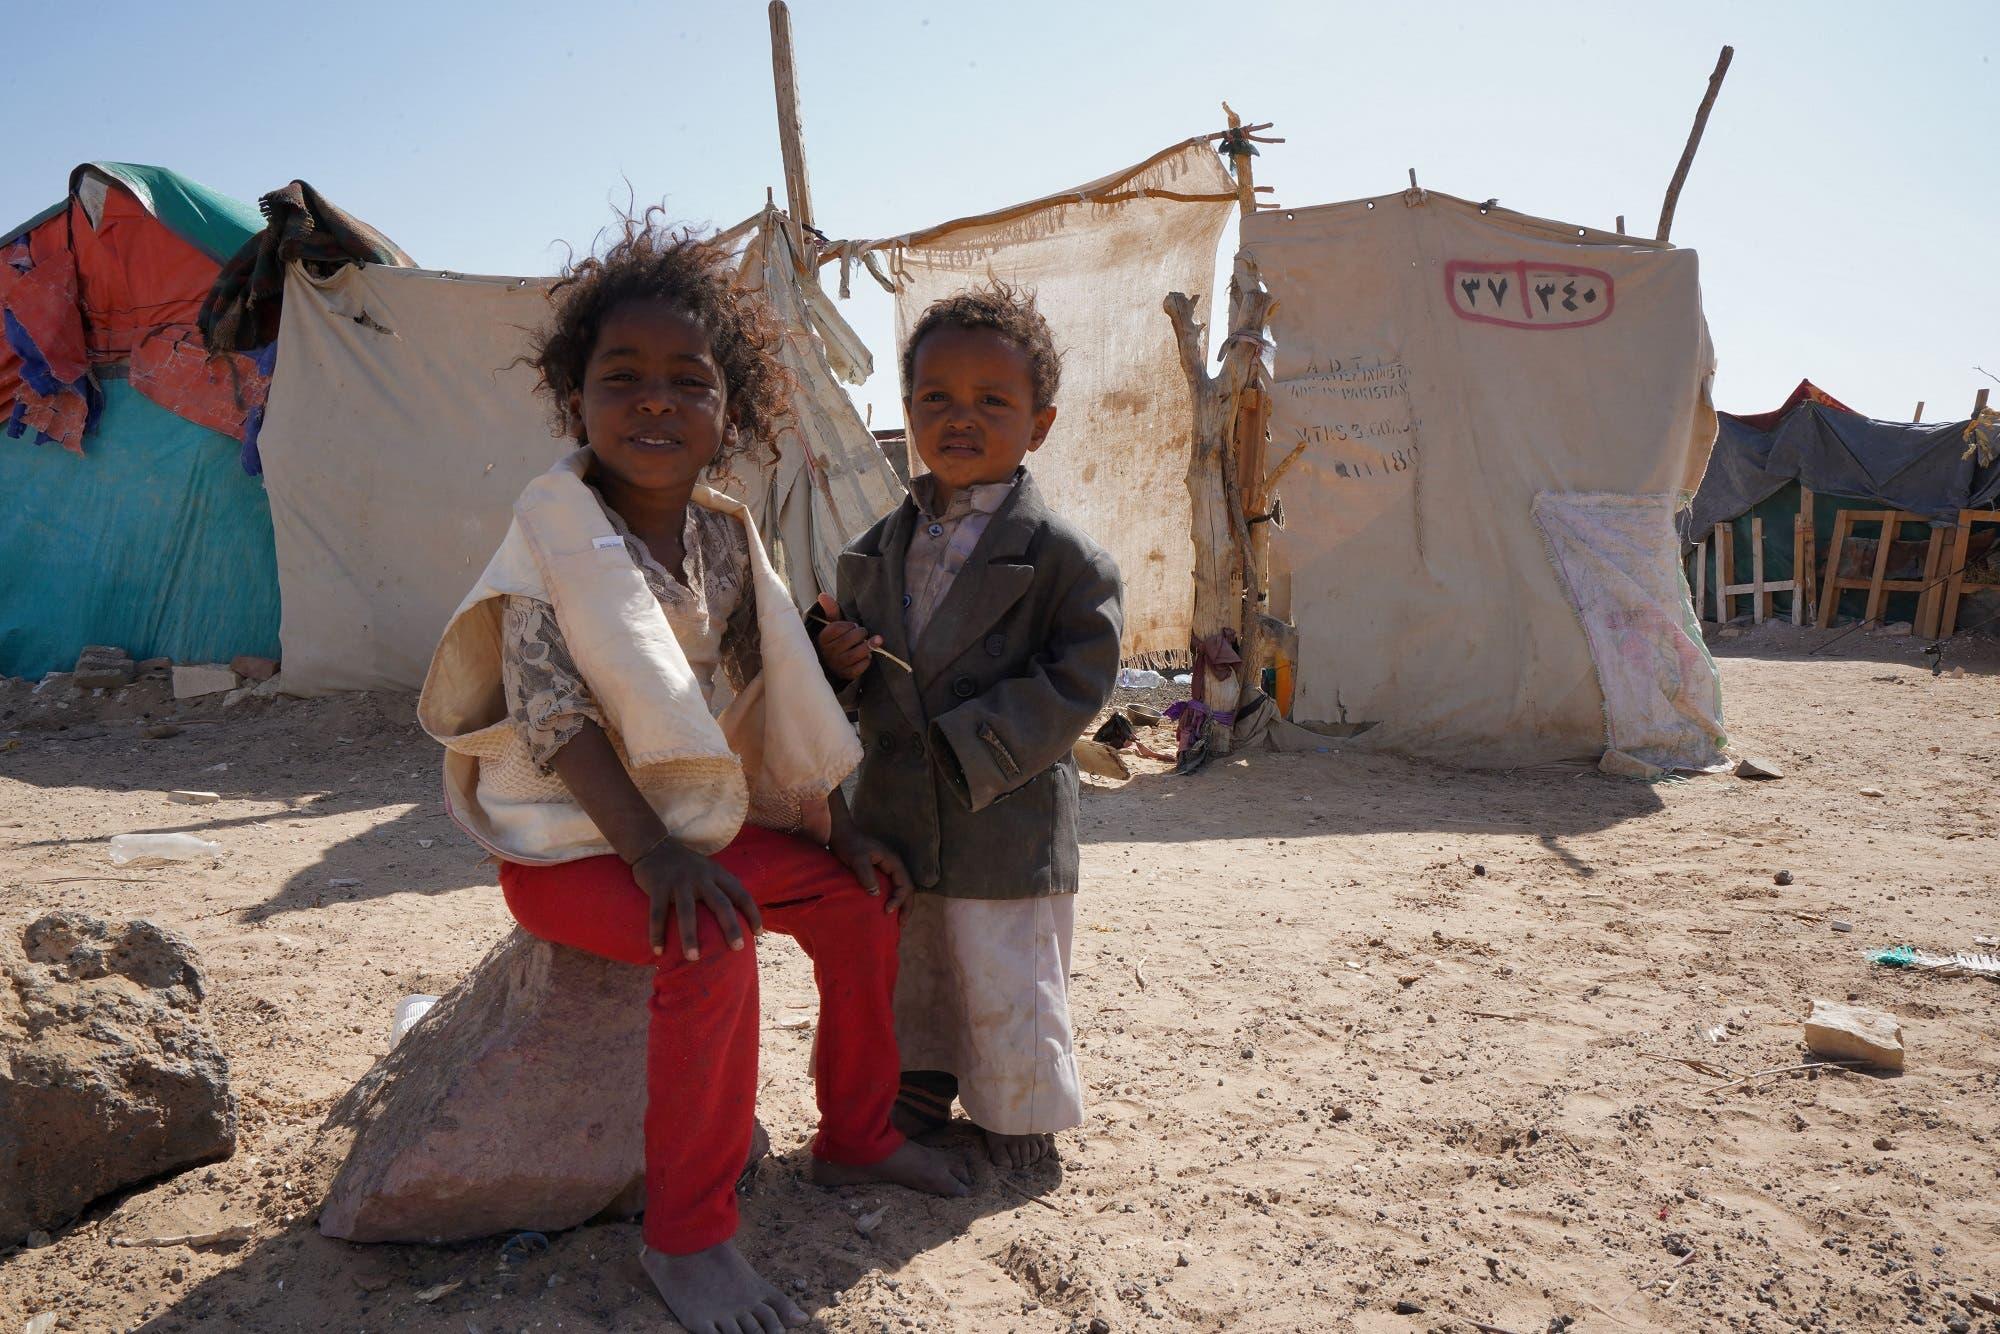 أطفال يمنيون في مخيم جو النسيم للنازحين بضواحي مدينة مأرب يوم 18 فبراير (أرشيفية من فرانس برس)